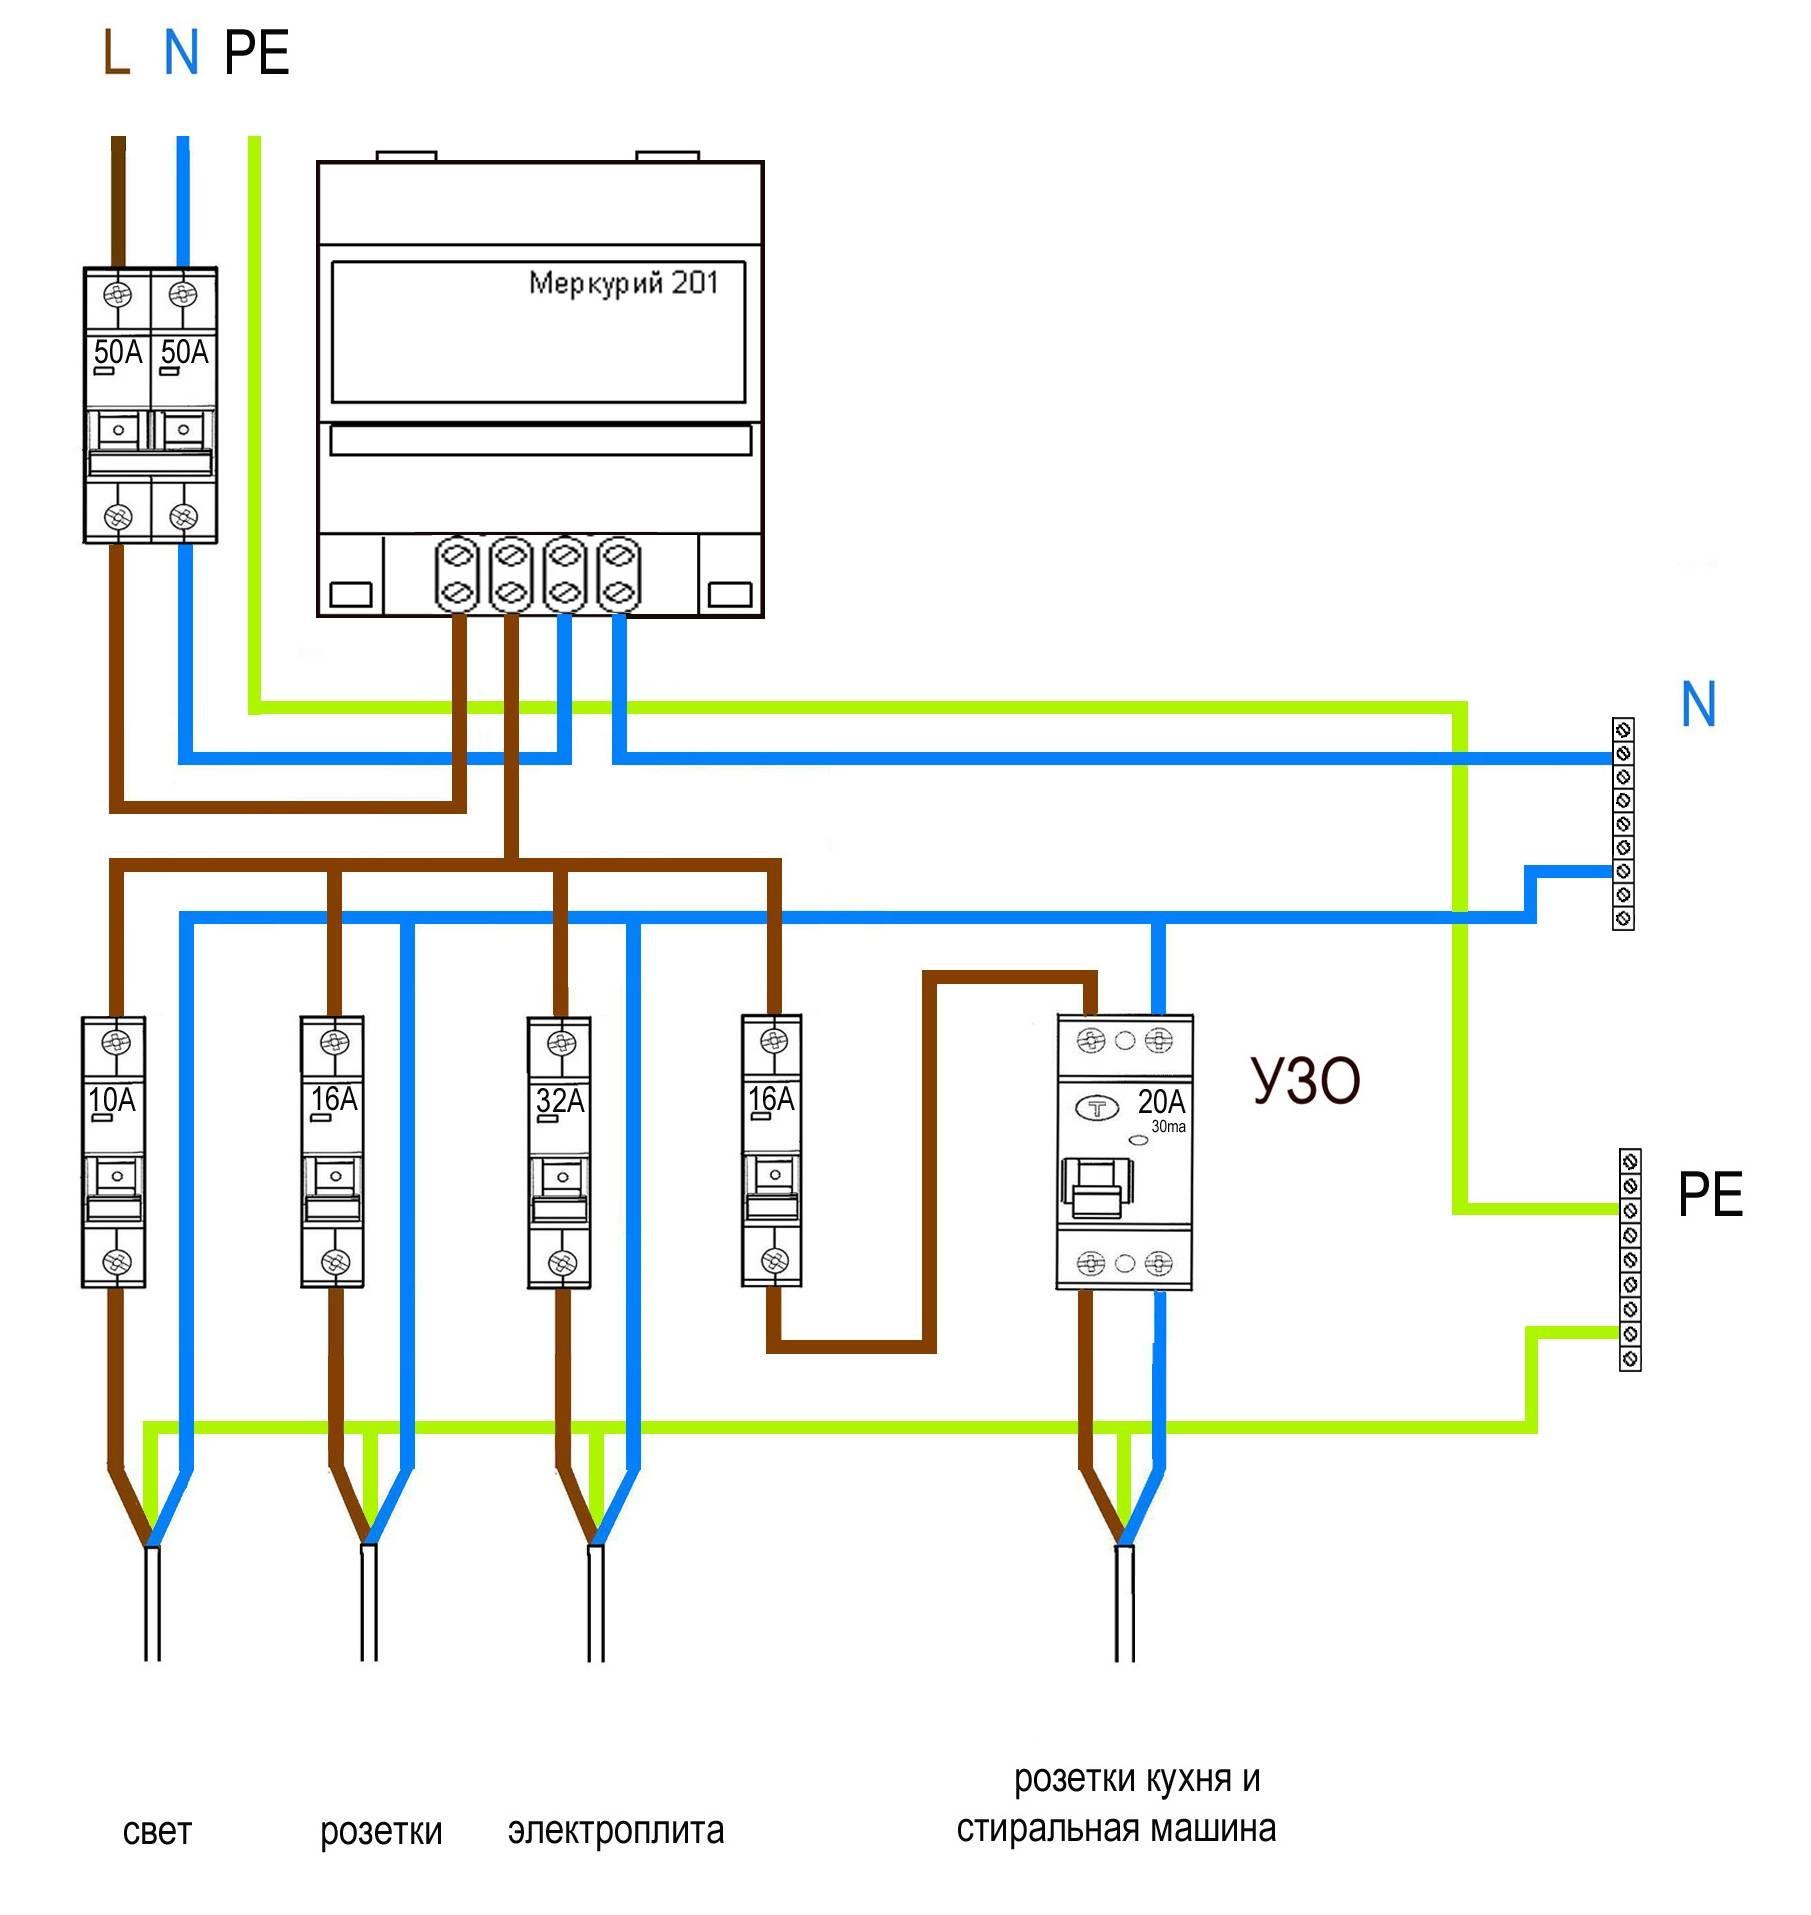 Подключение трехфазного счетчика к однофазной сети